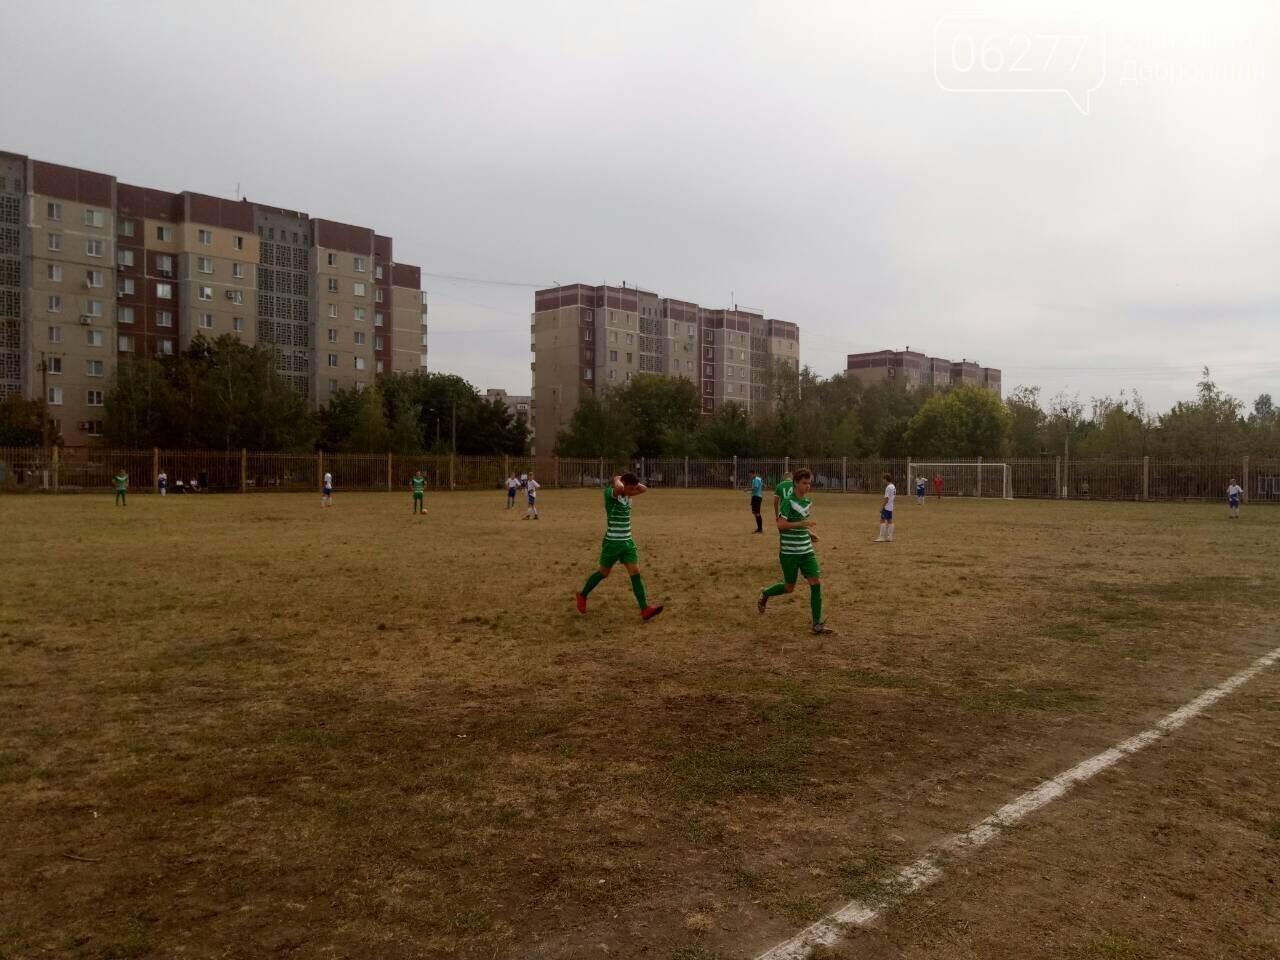 Вже відомі підсумки ІІІ туру чемпіонату Донецької області з футболу серед юнаків 2002/2003 та 2004/2005, фото-2